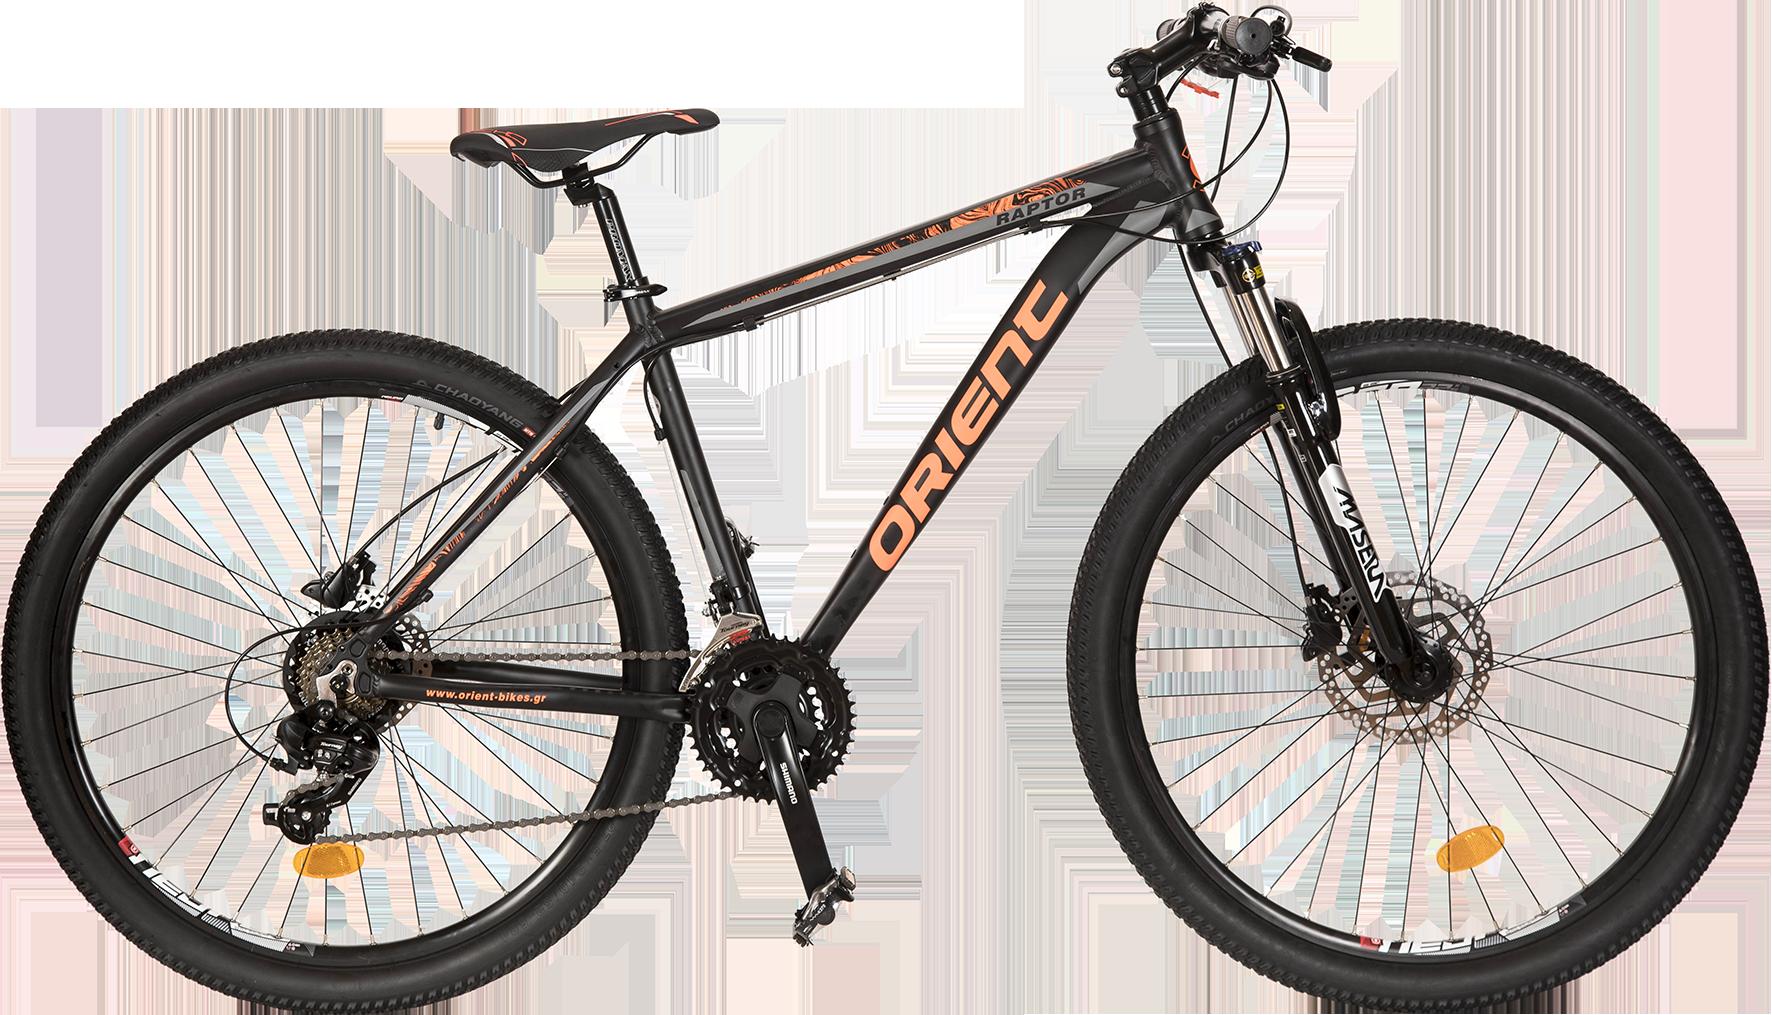 RAPTOR hydr.disk 27,5″  21sp. bike image